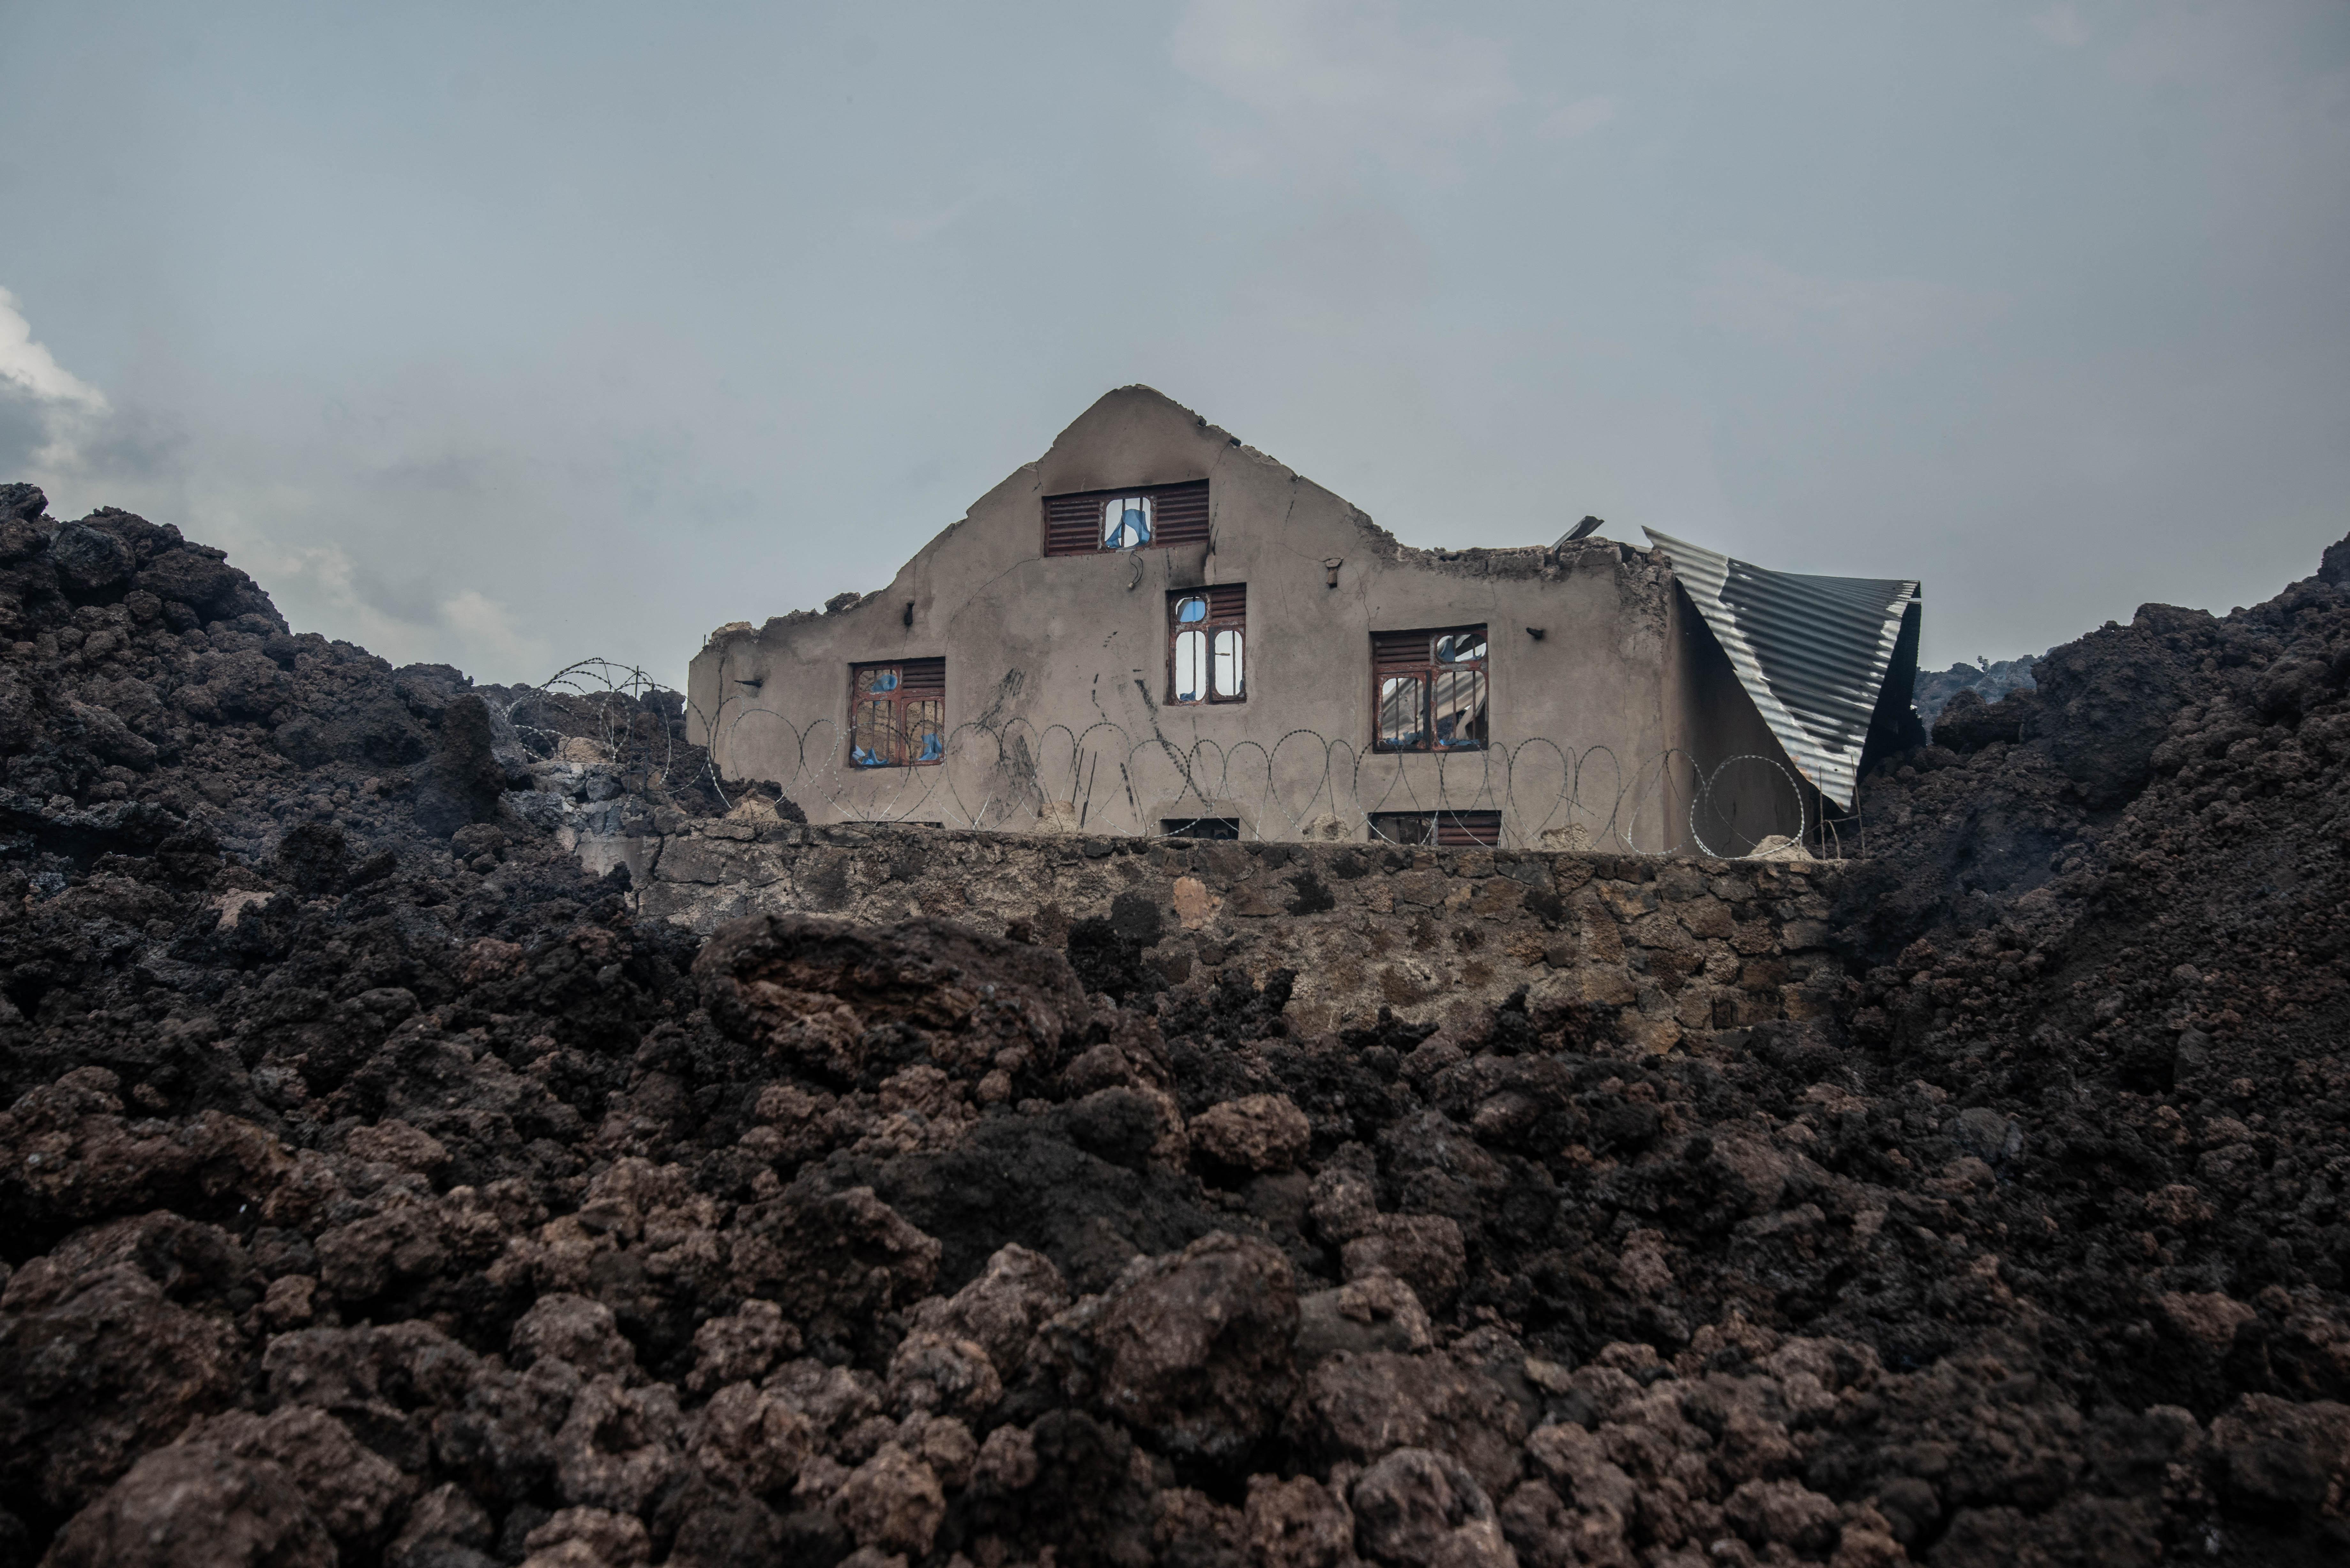 Legalább 15 ember meghalt a Nyiragongo vulkán kitörése után